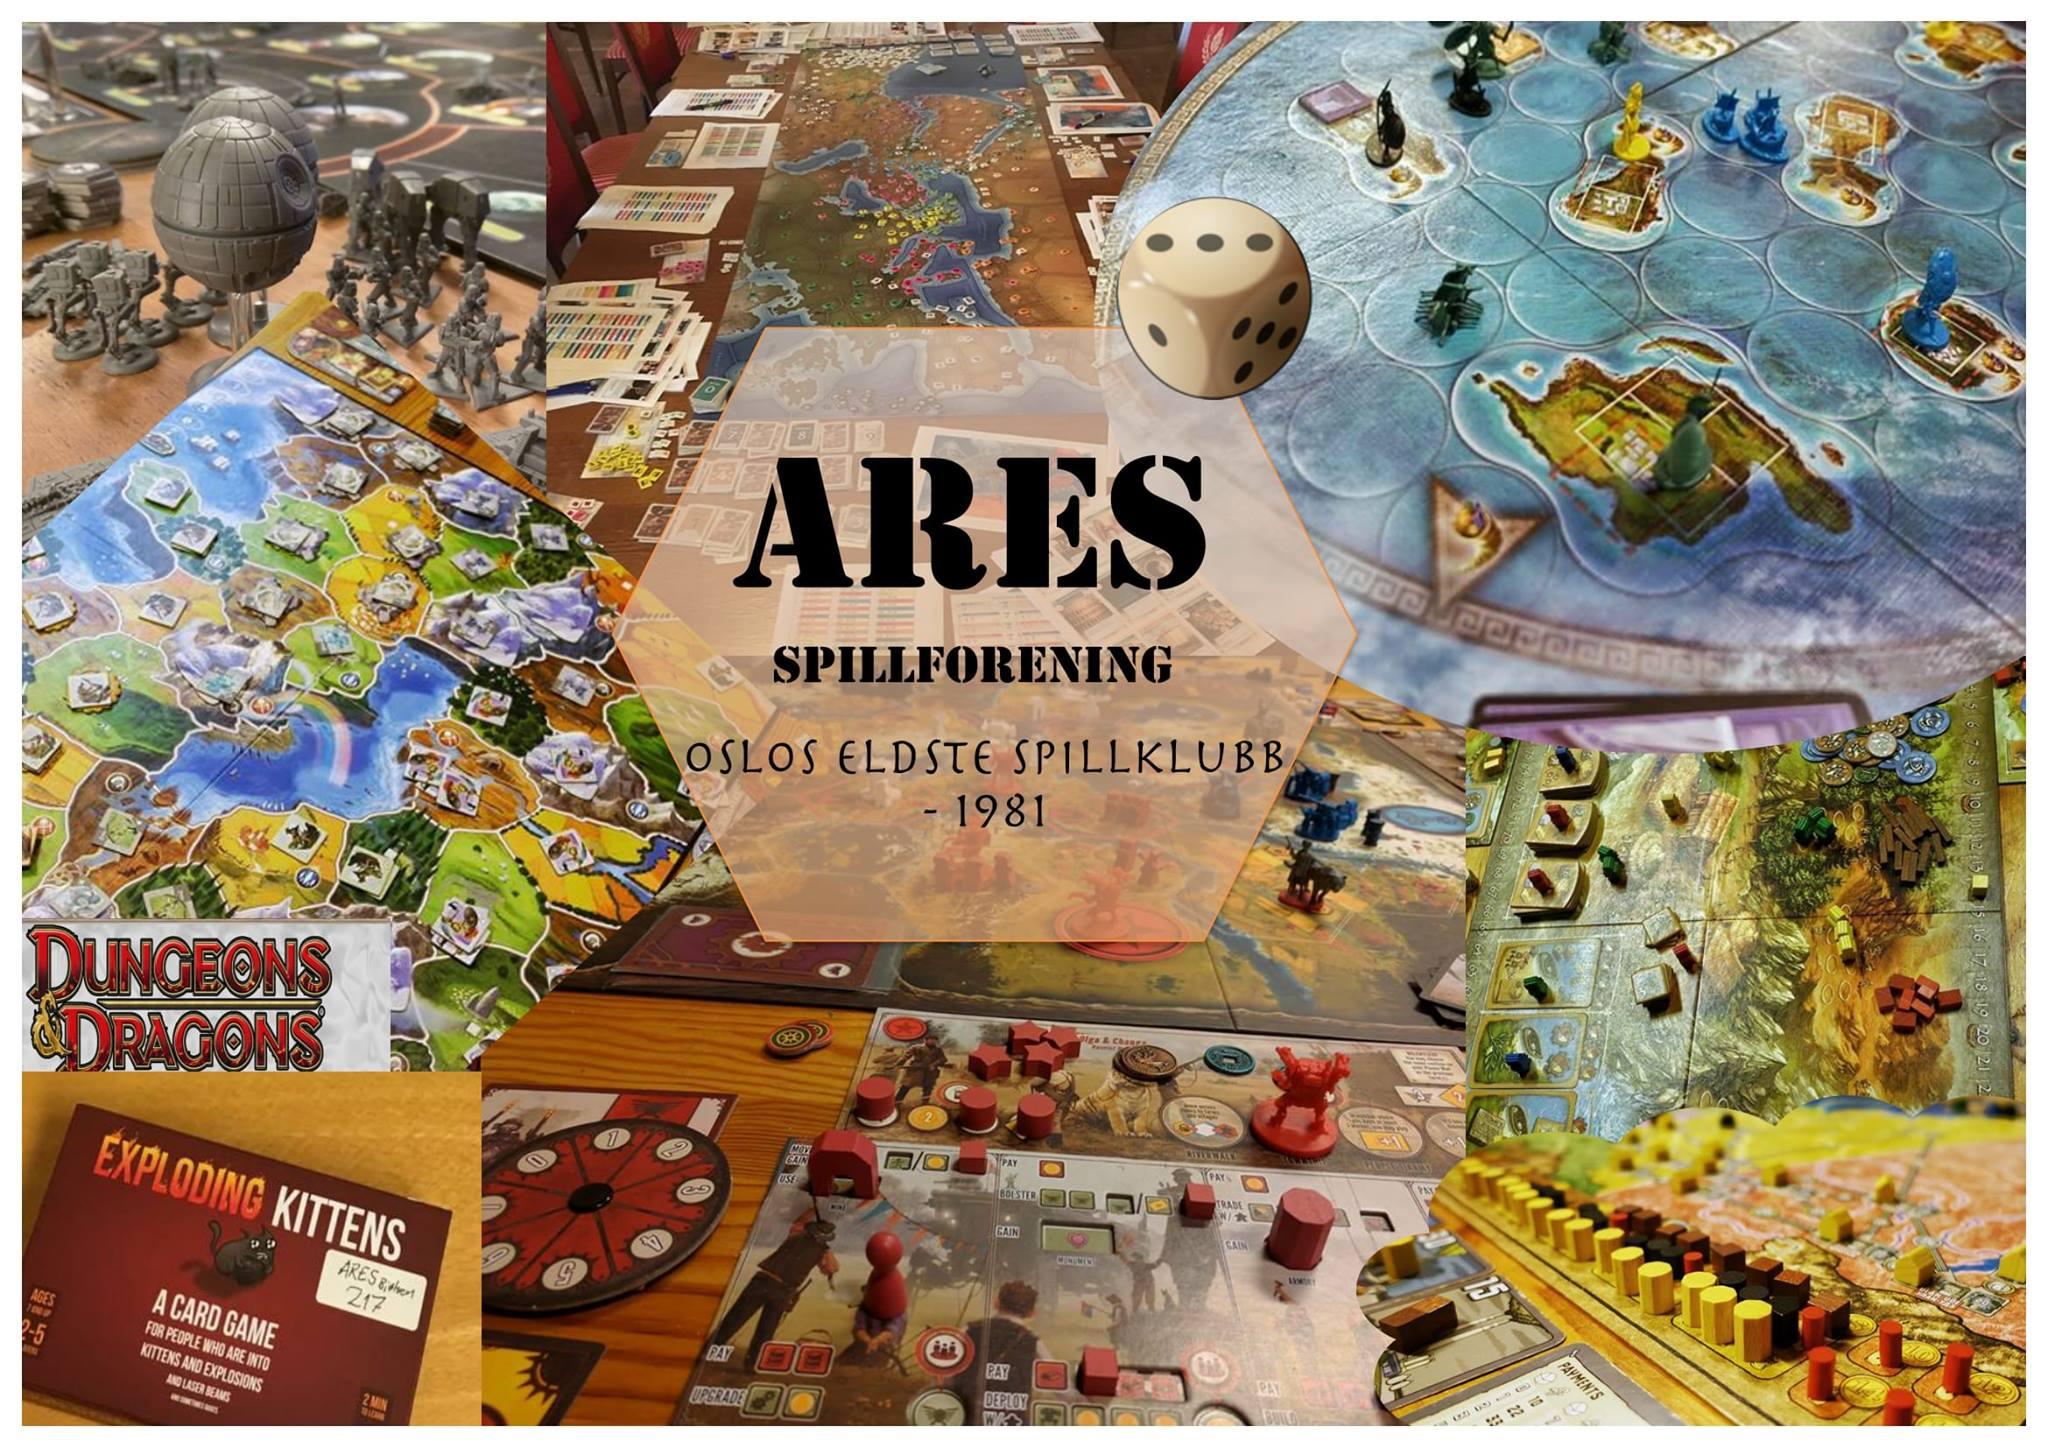 Bildet er utviklet av Arne O. Skaar for Ares